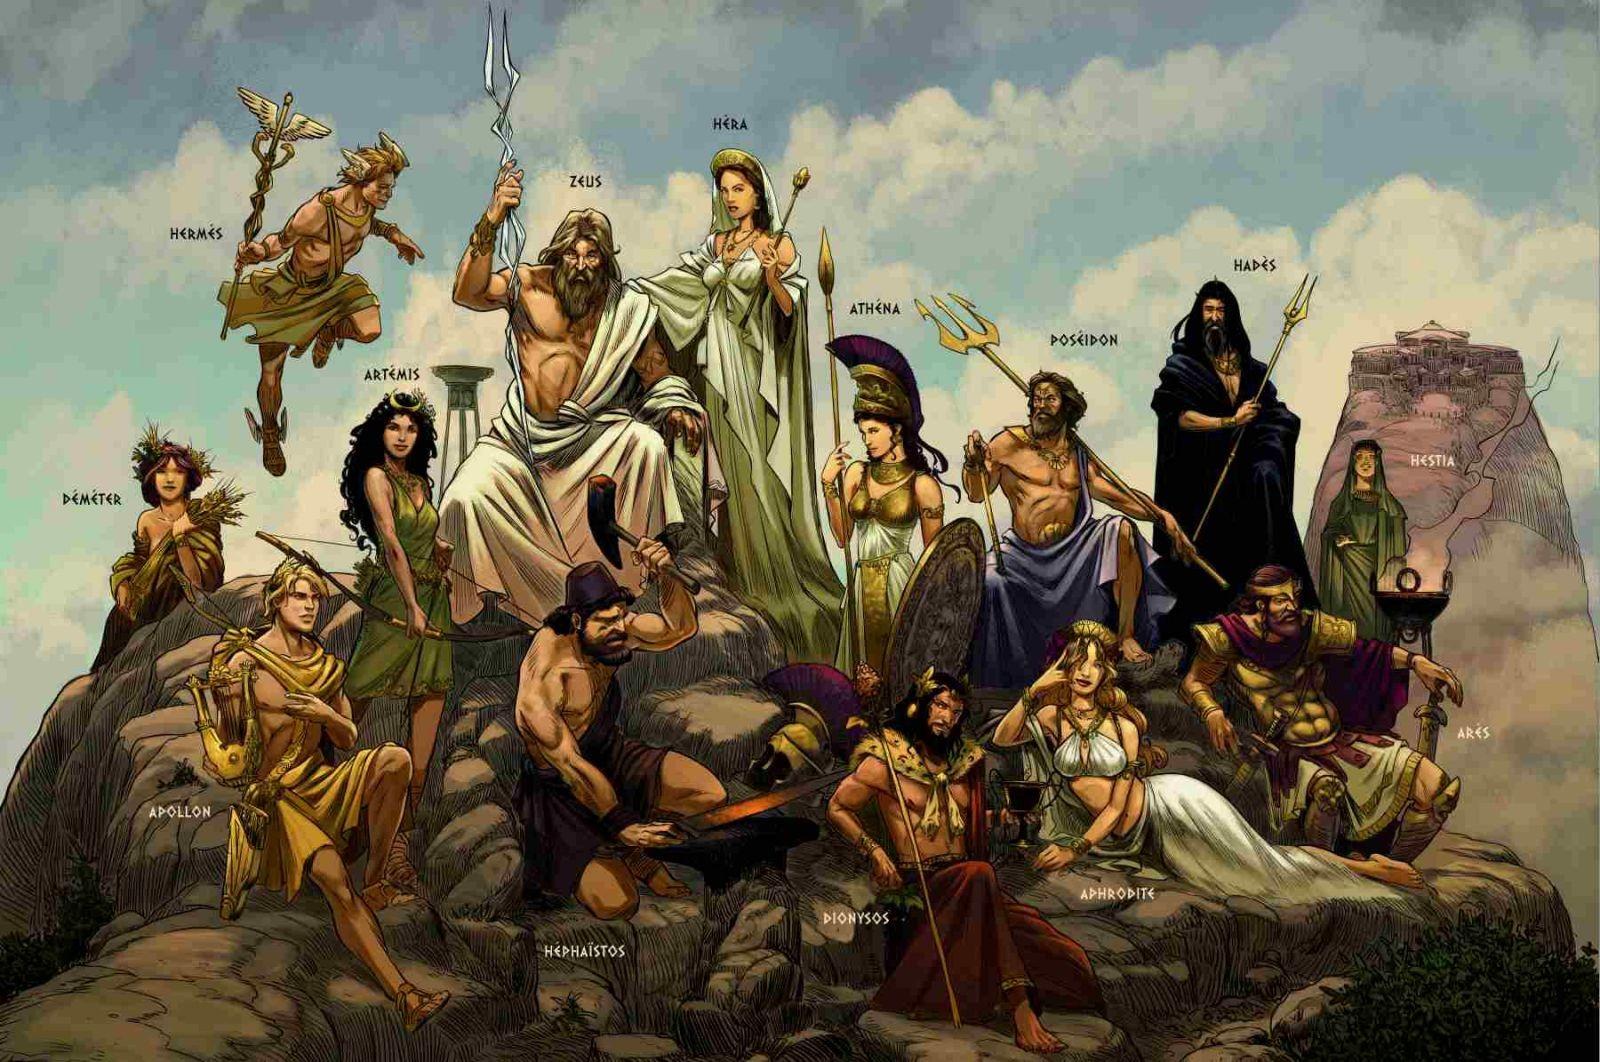 Les dieux grecs, ça te connait ?